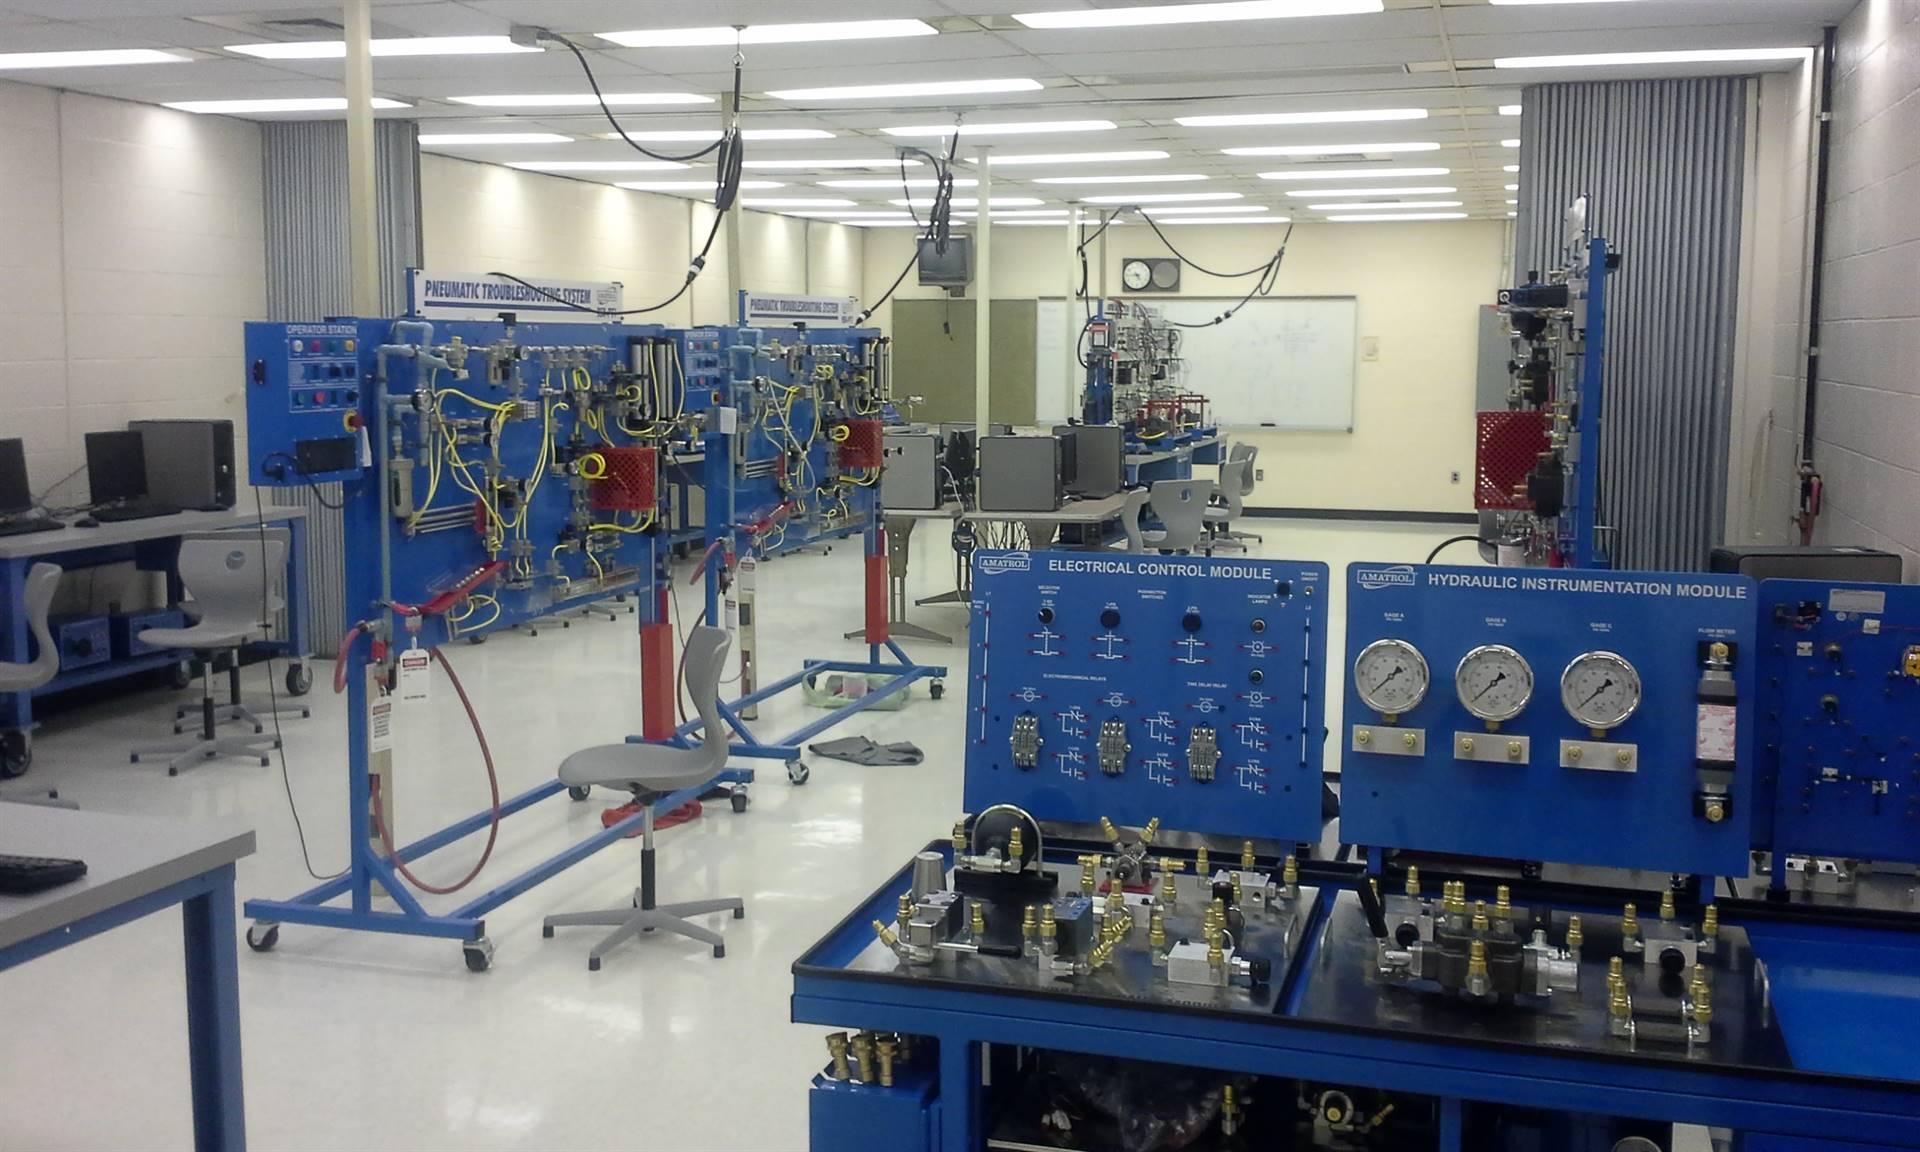 IMPAC Hydraulics